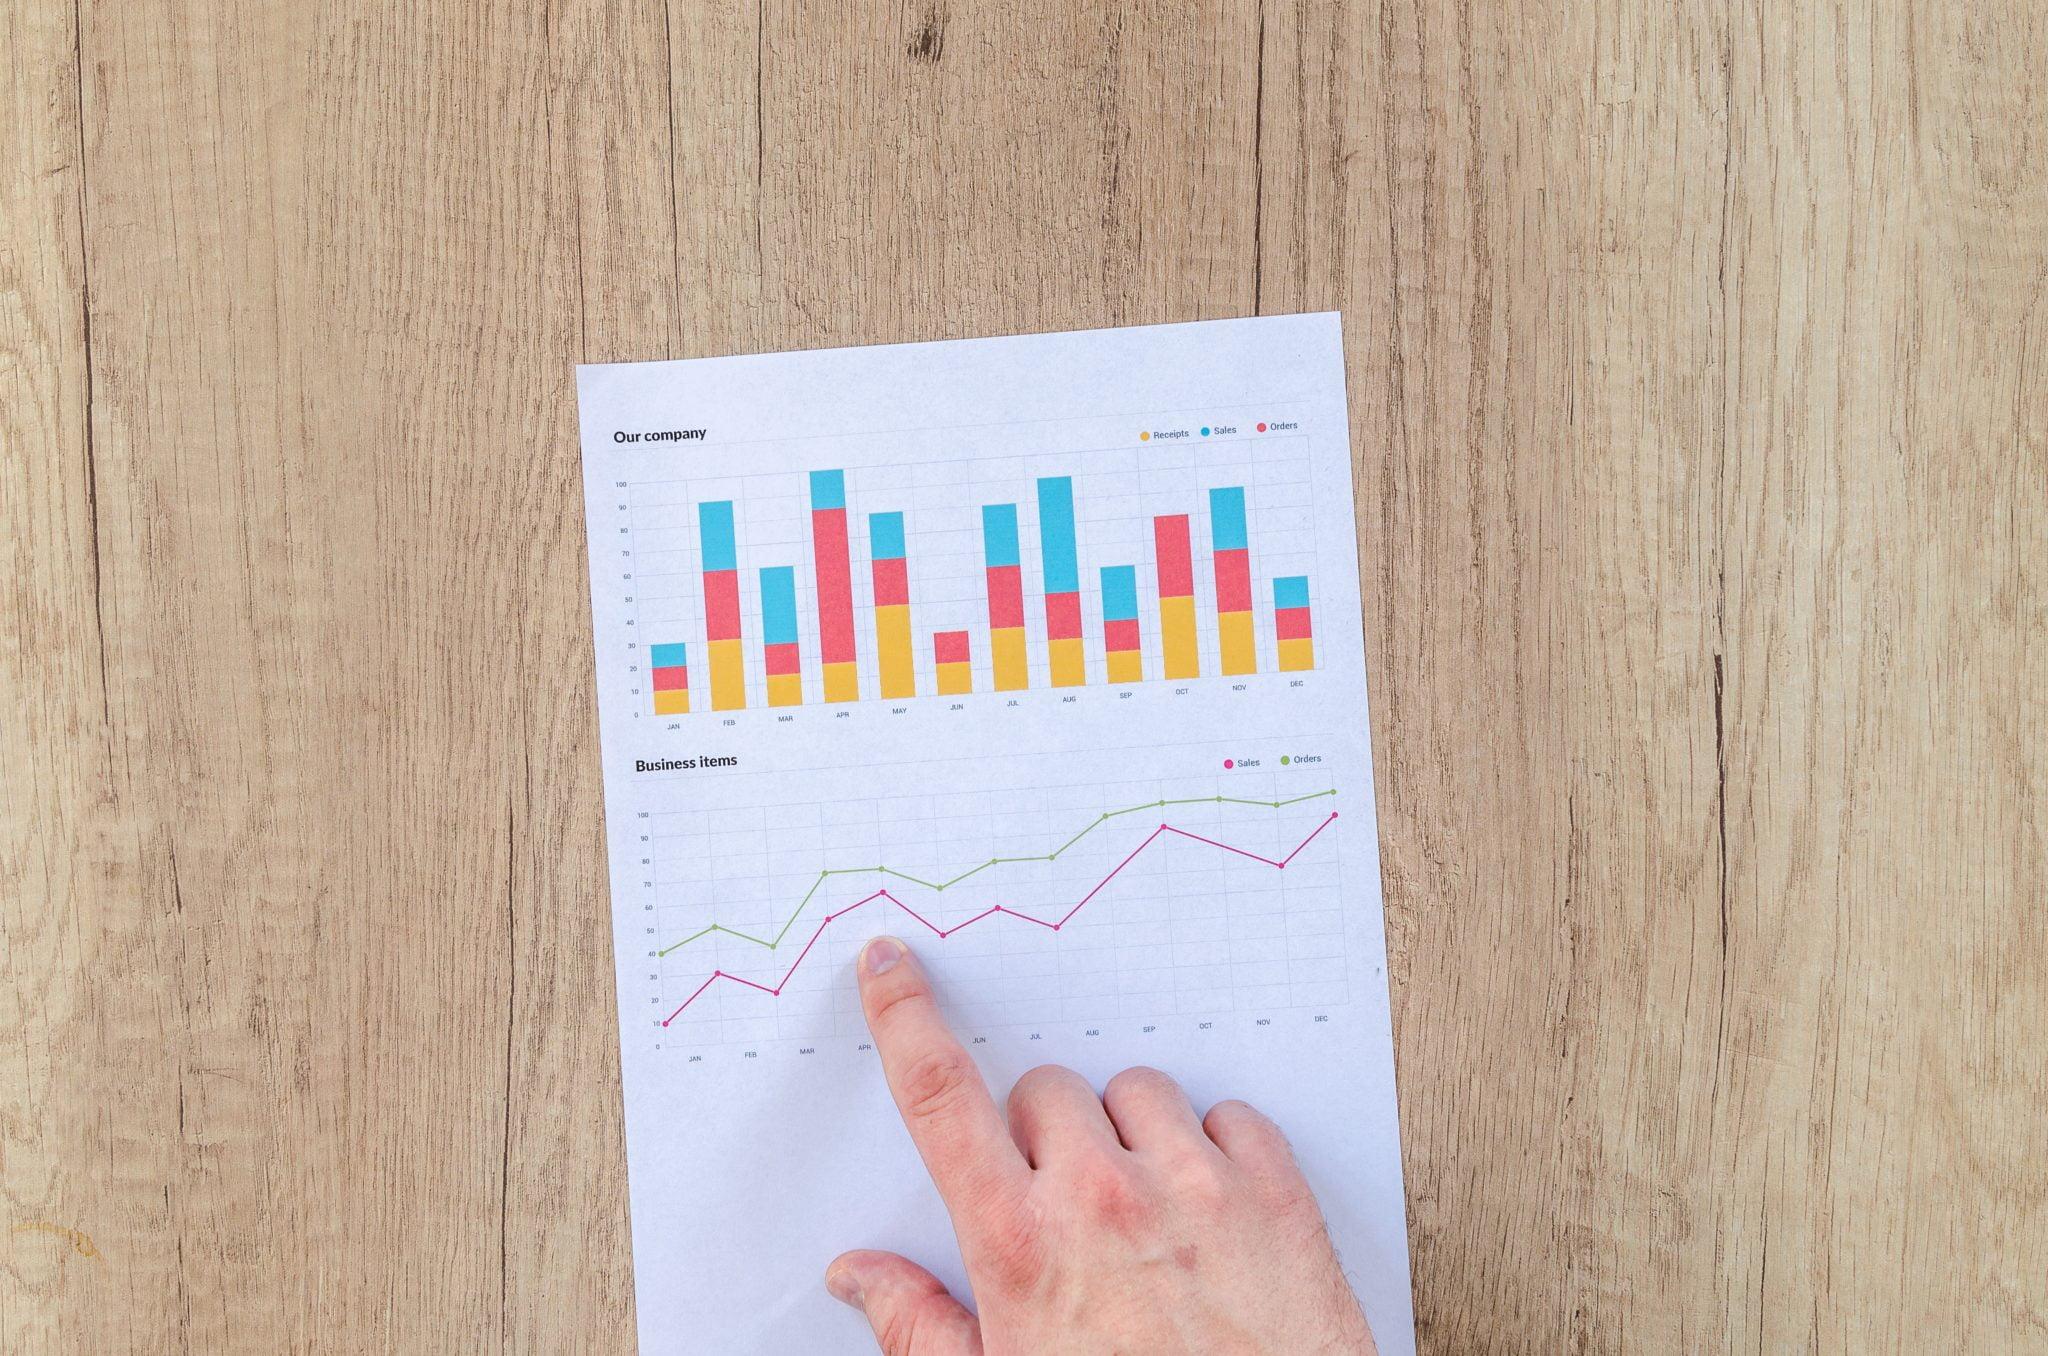 Retorno Sobre Investimento: o que é como aplicar o conceito na prática?